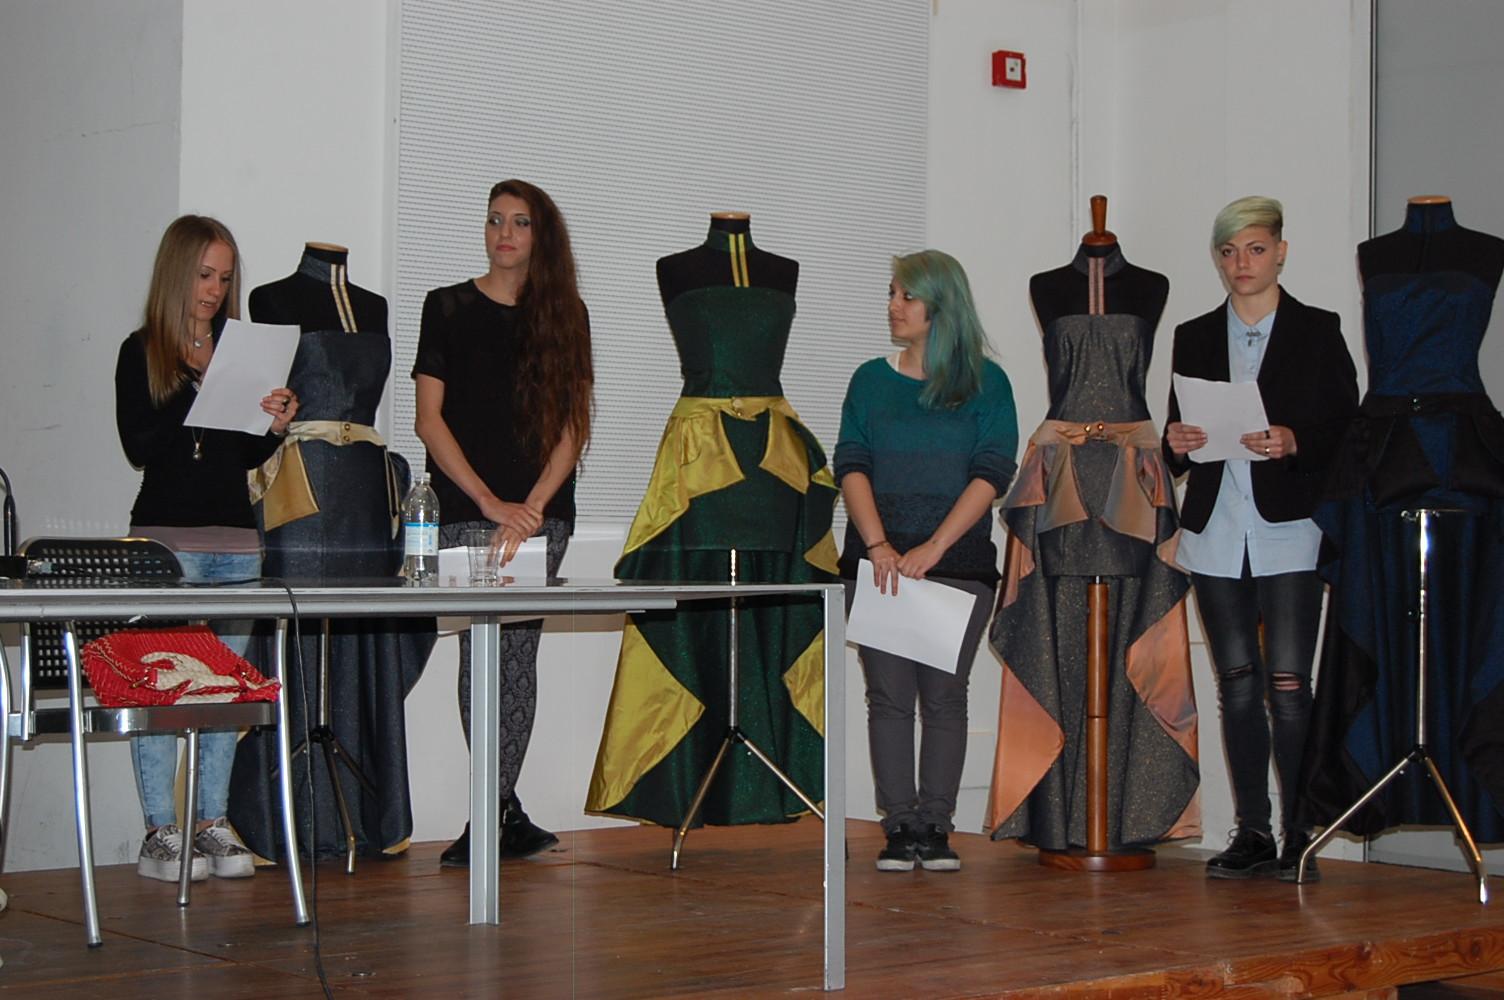 La Moda dell'Istituto Puecher-Olivetti alla Triennale di Milano